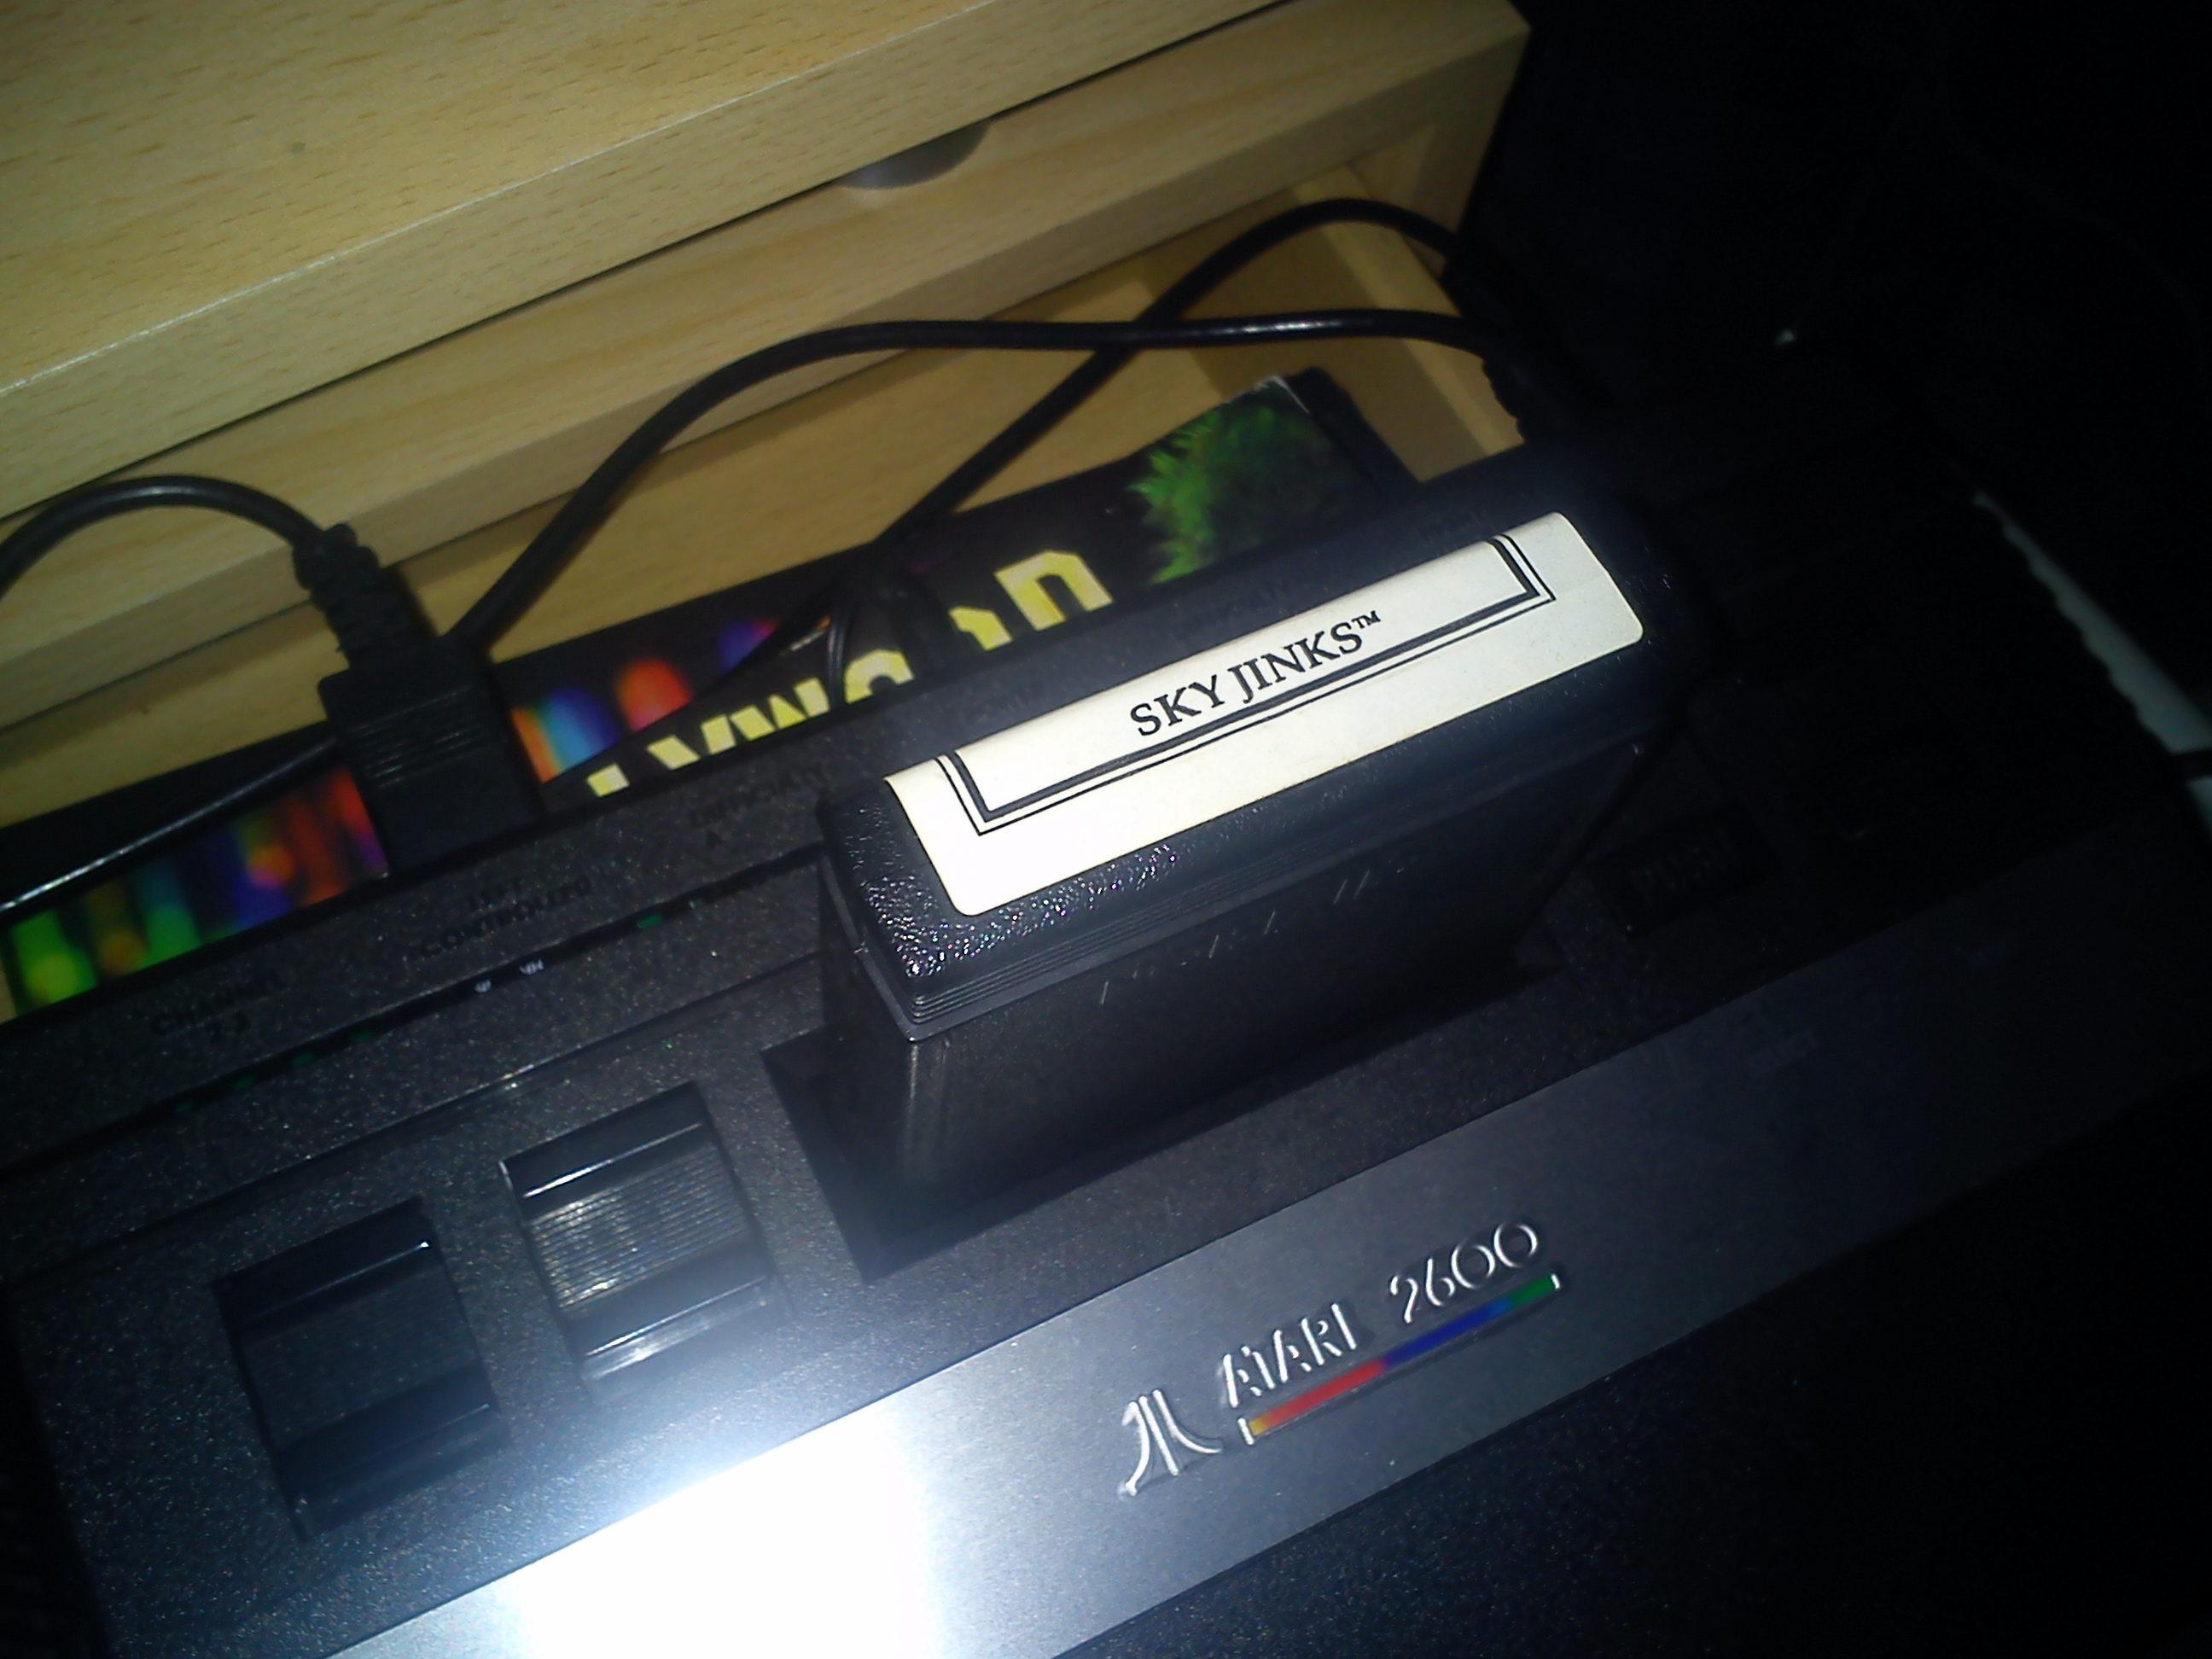 Fr0st: Sky Jinks (Atari 2600 Novice/B) 0:00:36.41 points on 2014-12-09 14:46:54